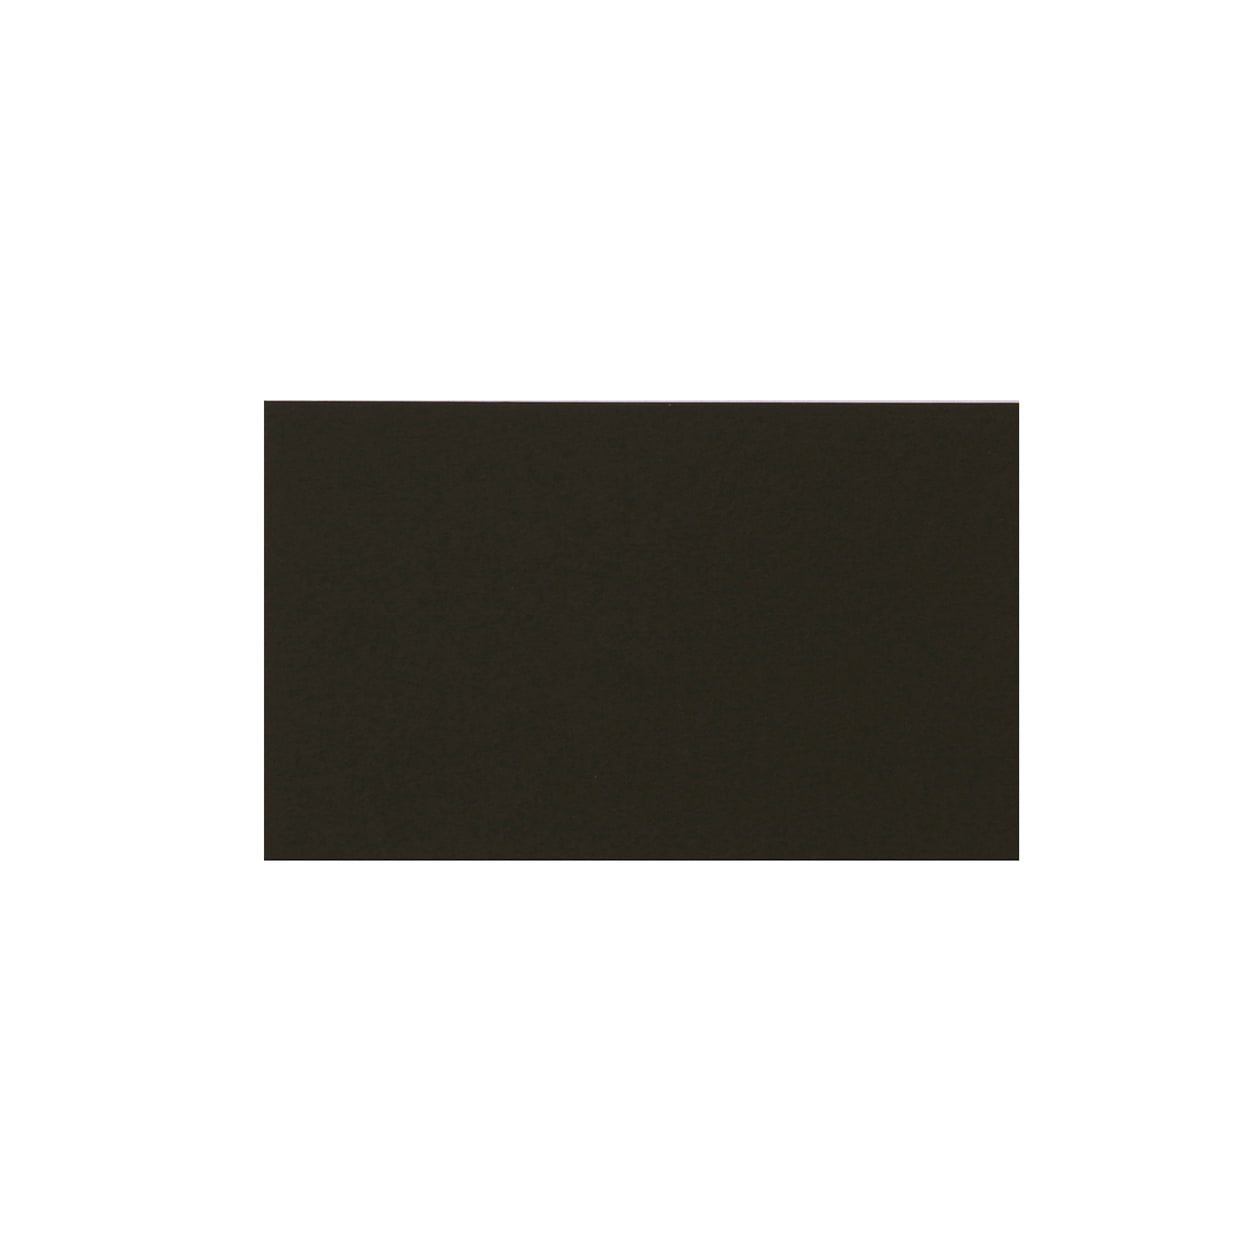 ネームカード ボード紙 ブラック 464g